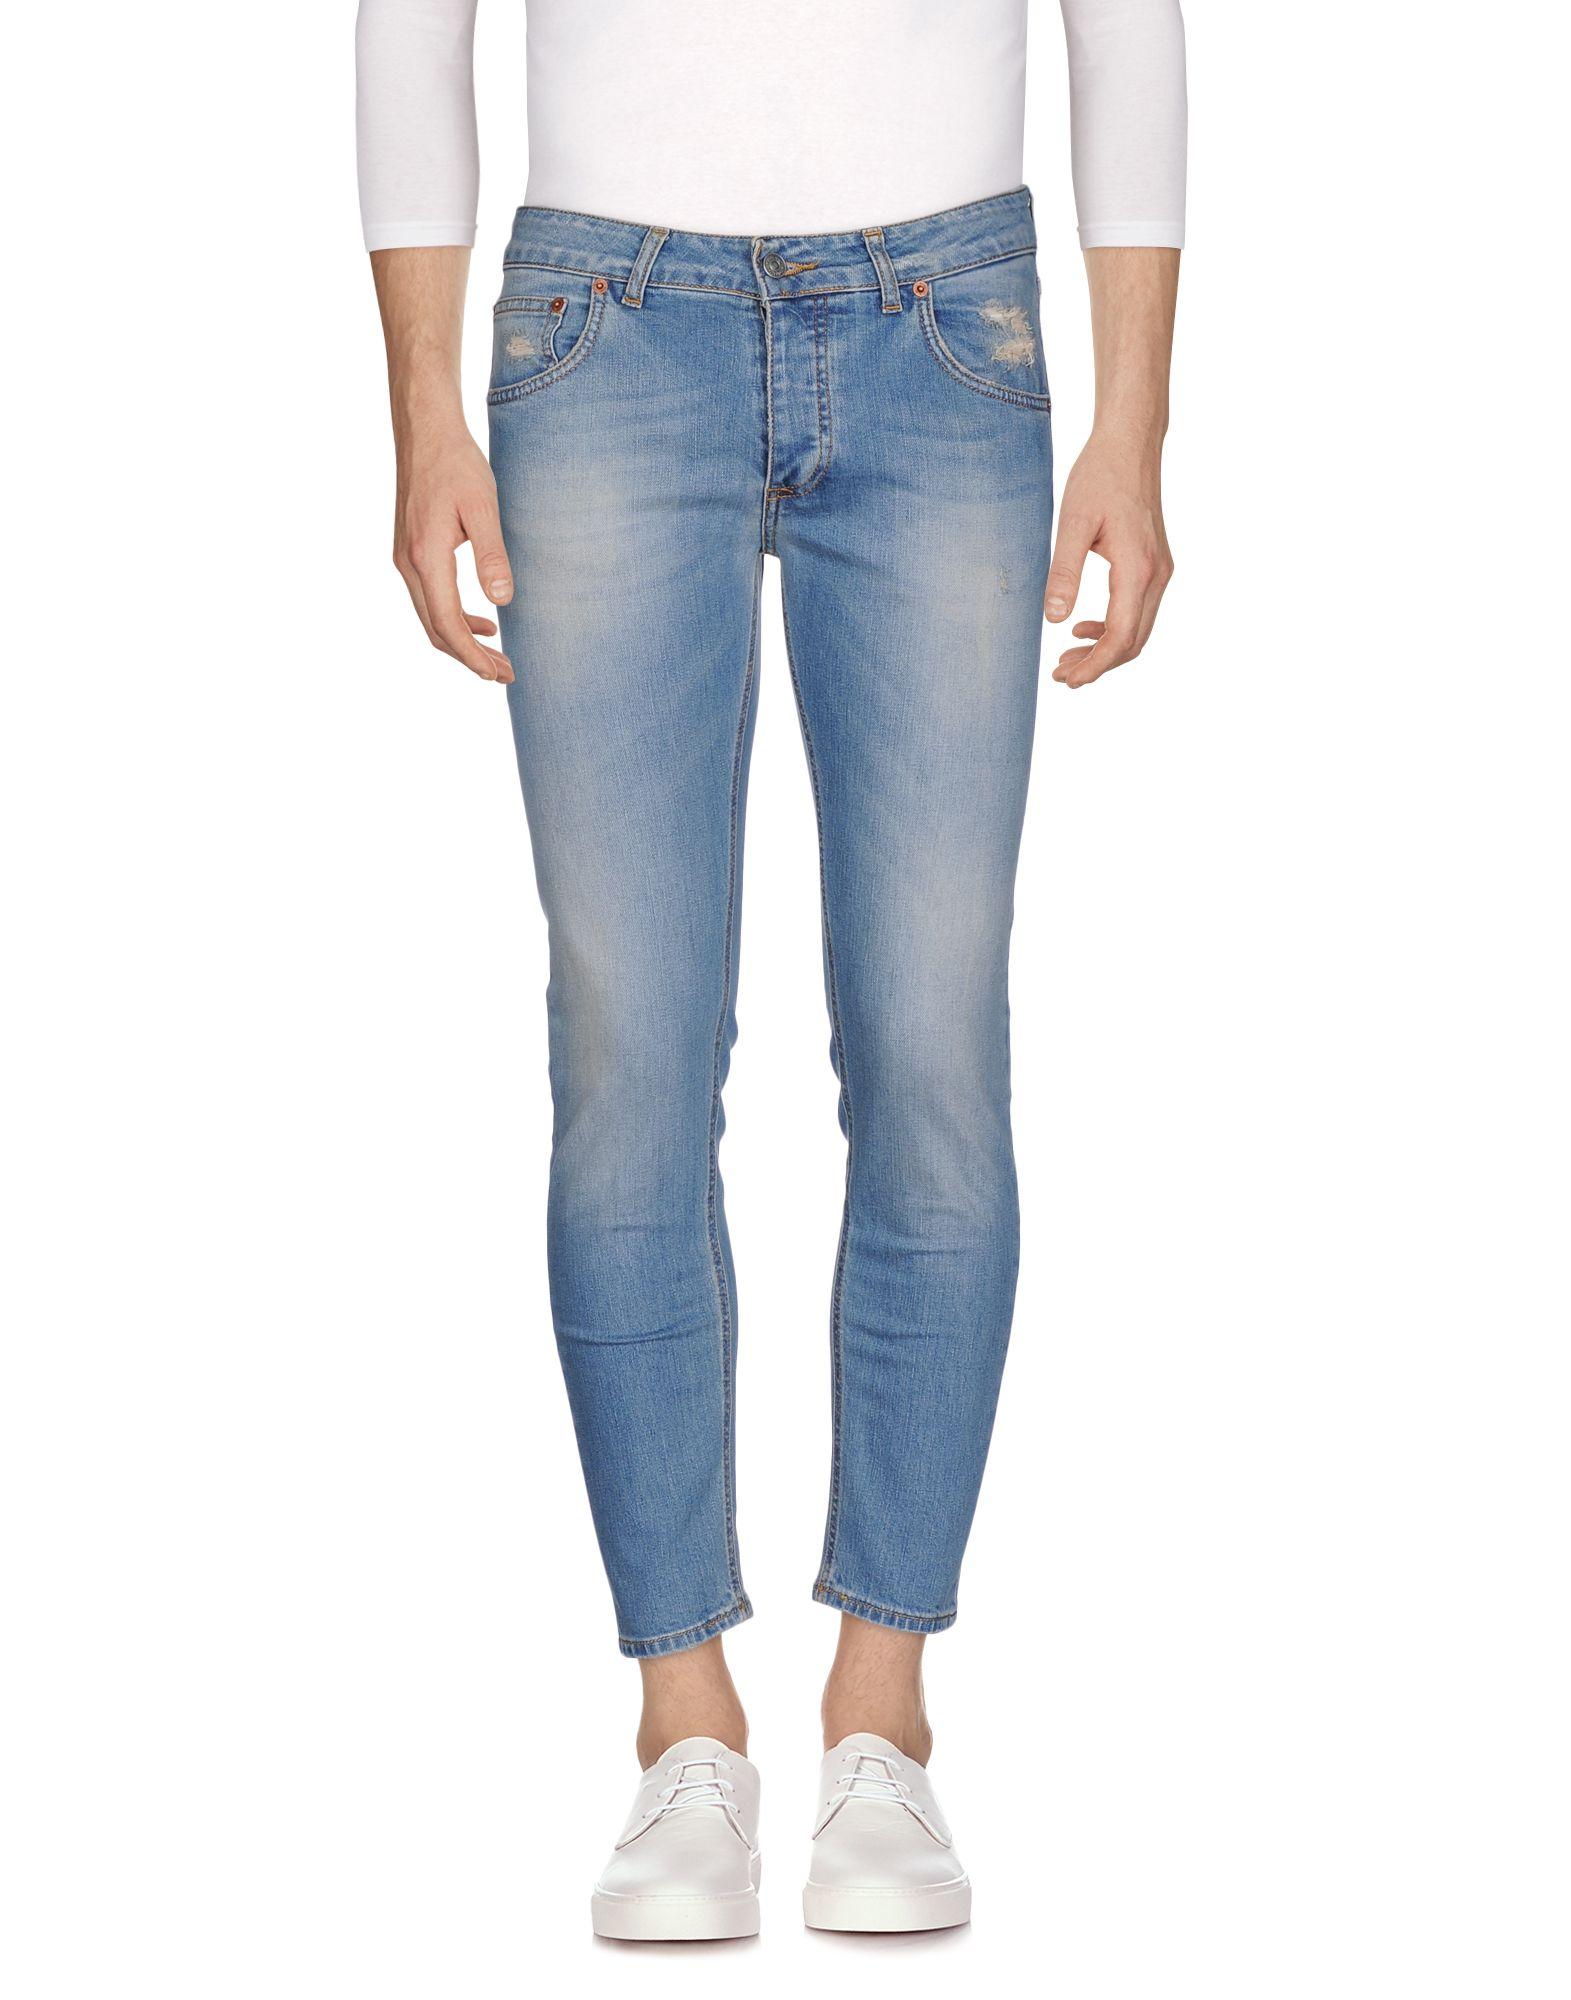 Pantaloni Pantaloni Pantaloni Jeans Be Able Uomo - 42633992CT 1d6254